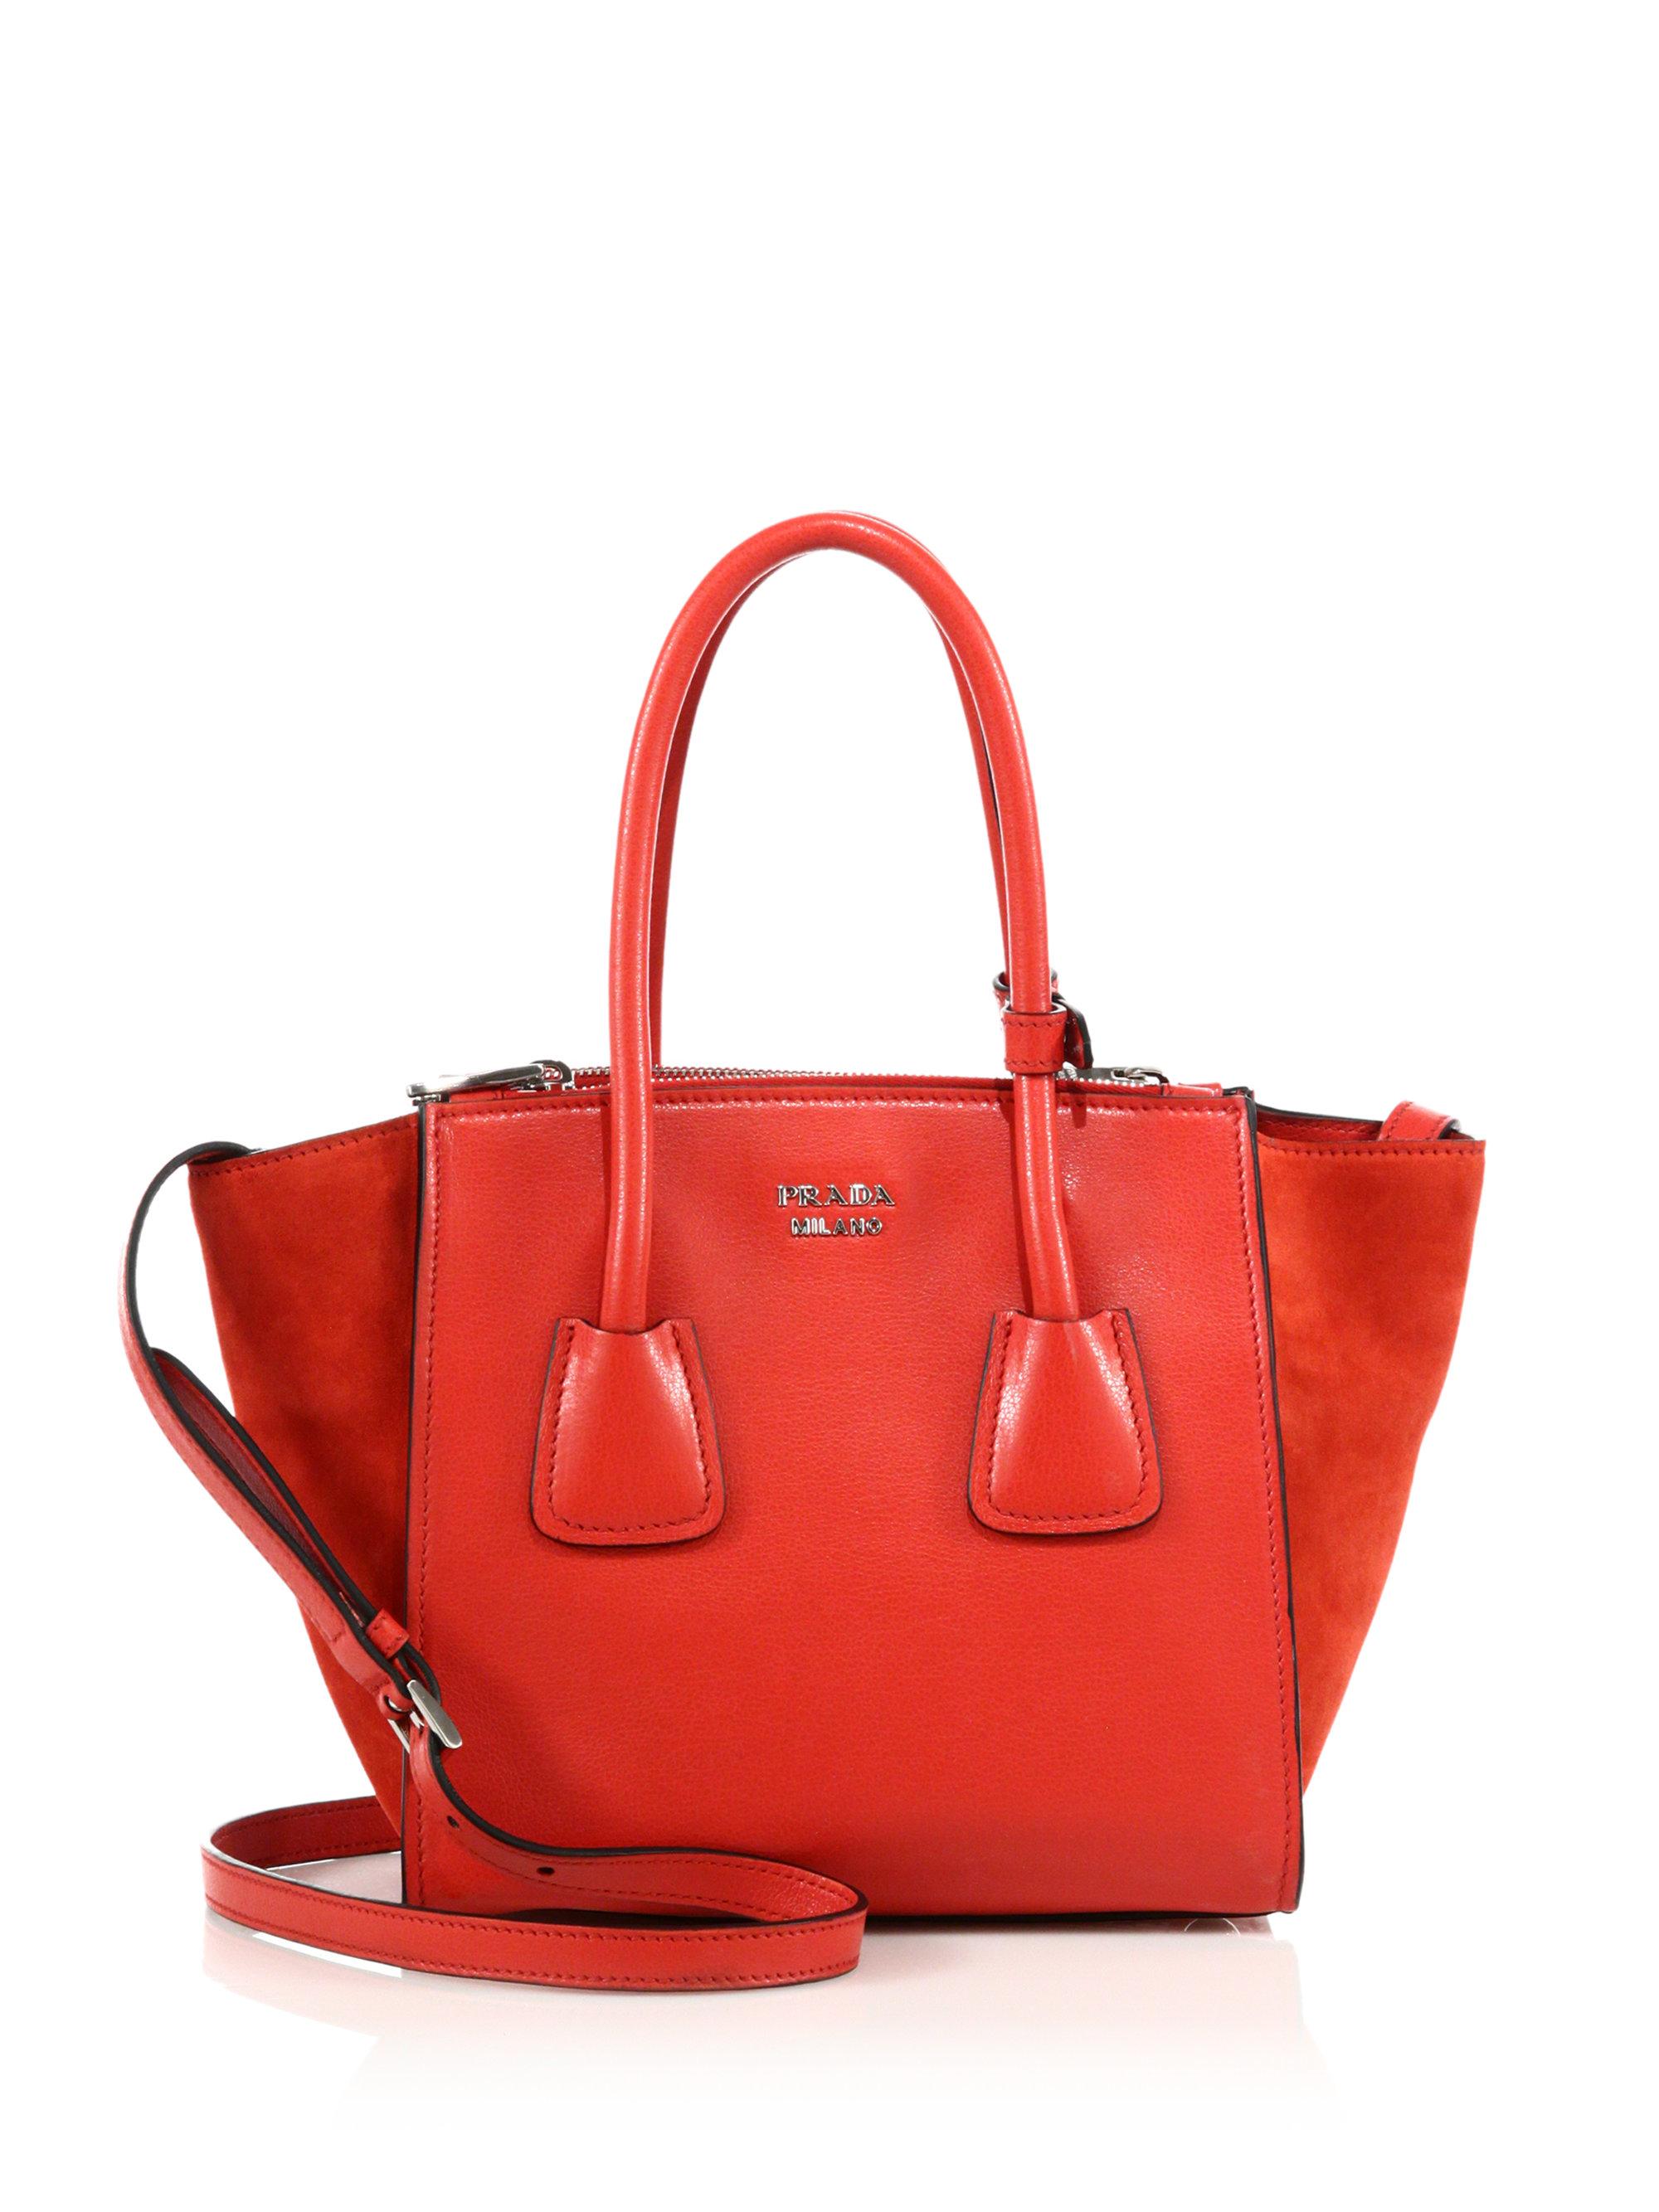 6ca0ce01840 Lyst - Prada Glace Calf   Suede Mini Twin Pocket Tote in Red